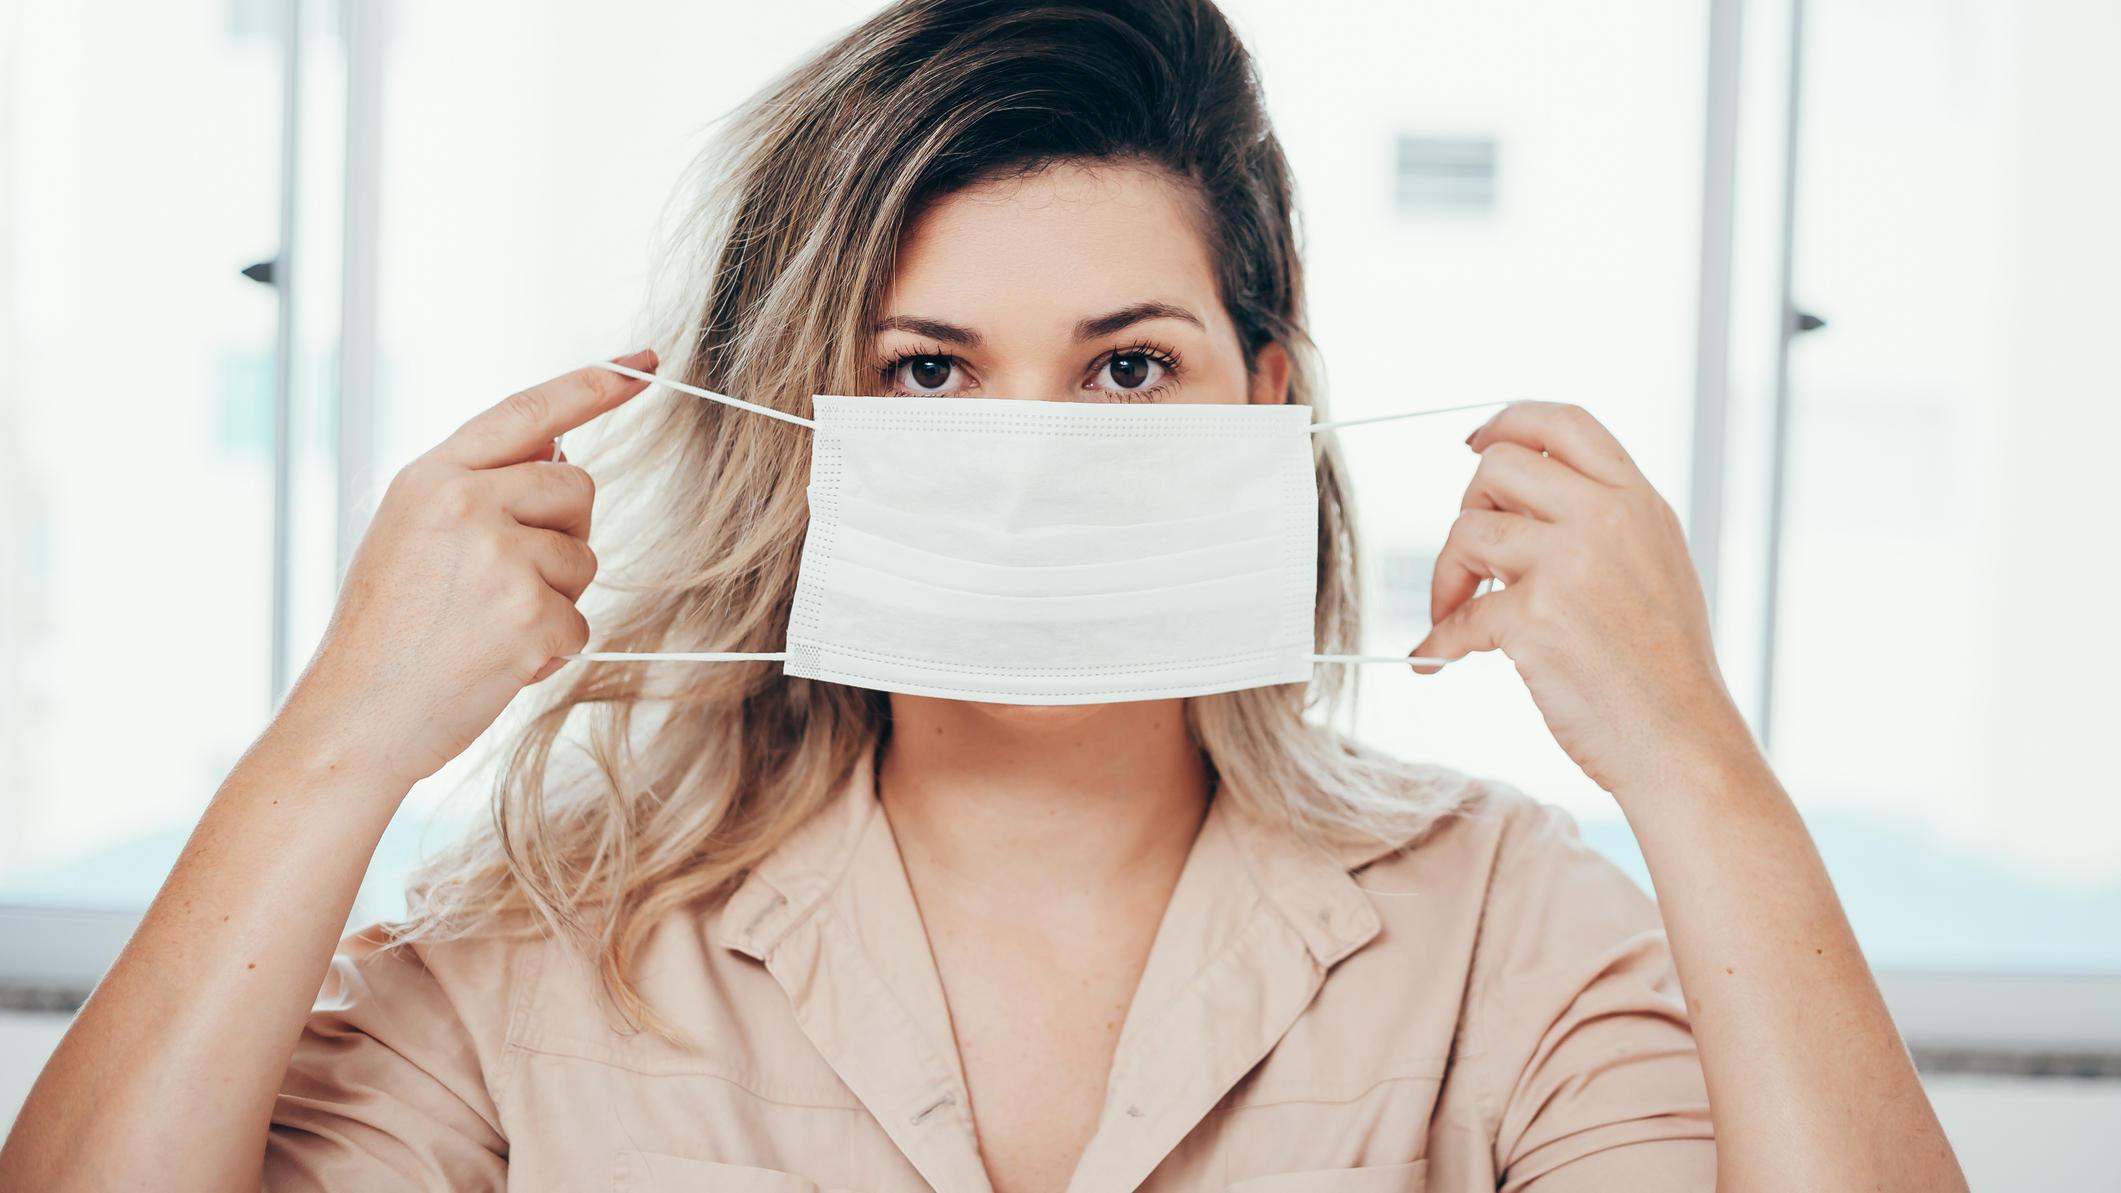 Coronavirus: Erste Gesichtsmaske tötet die Viren